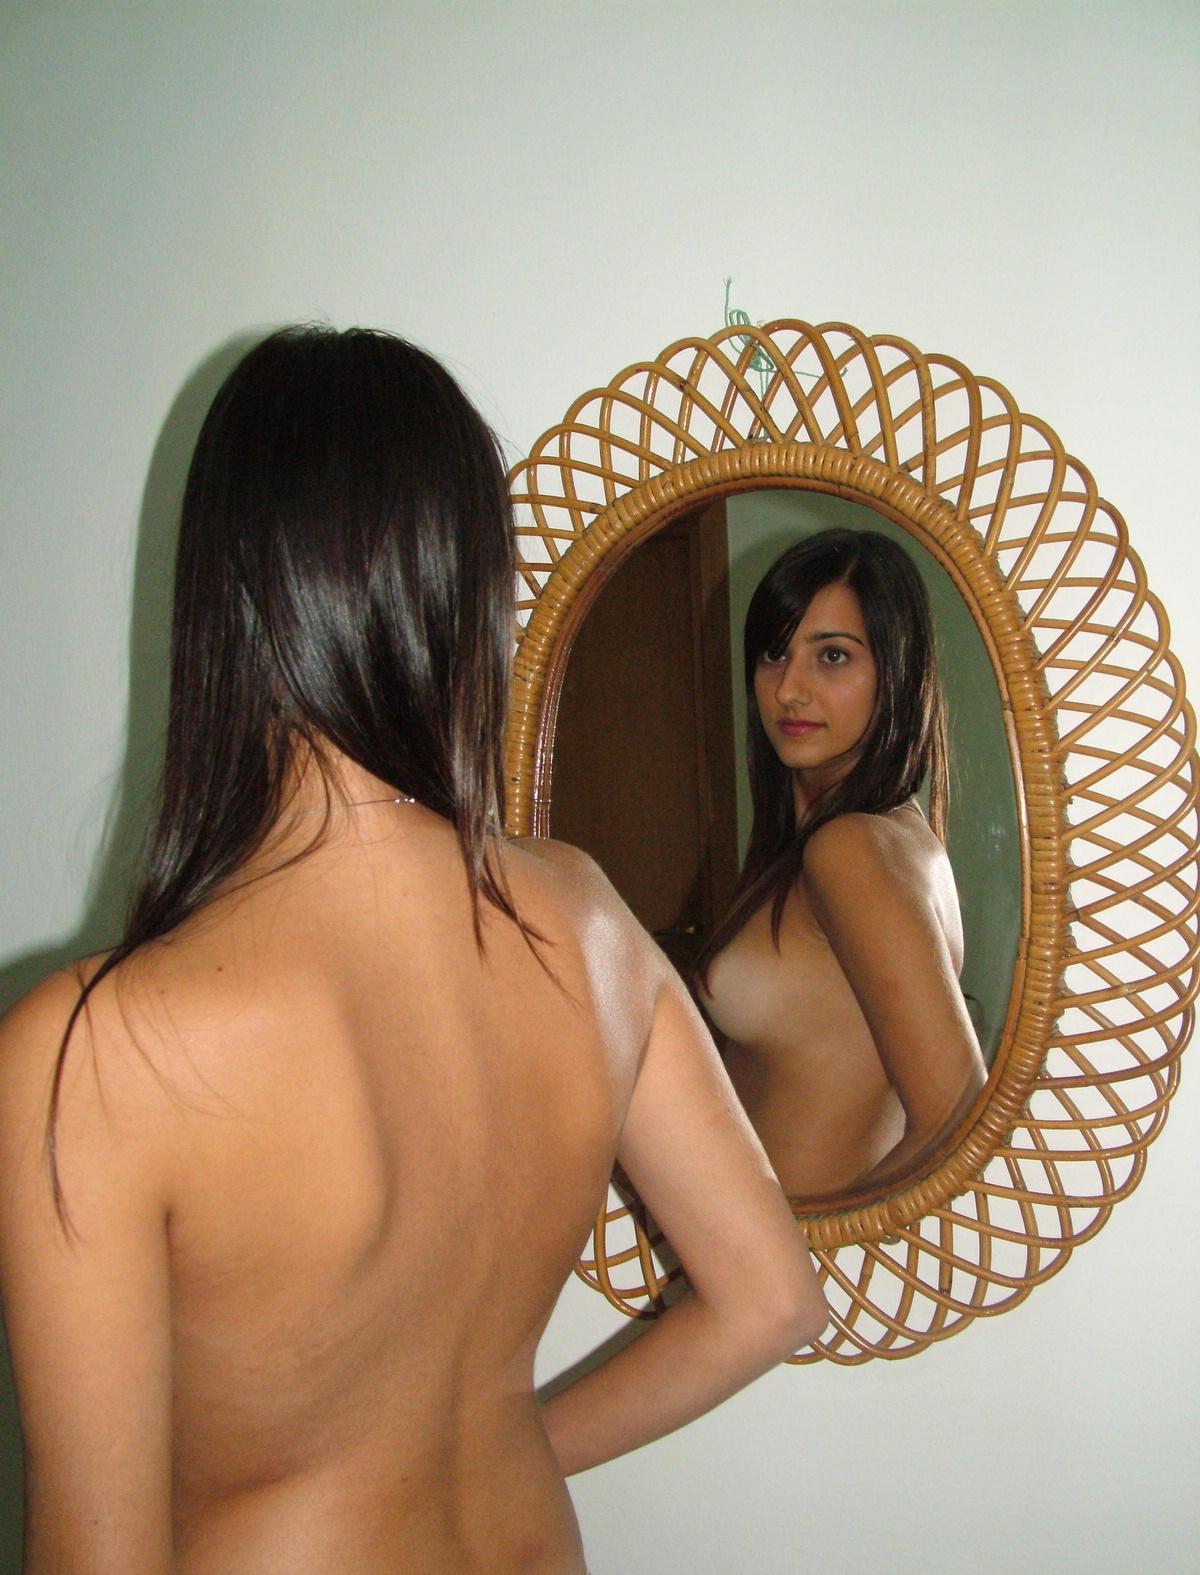 exposed arab teen nude